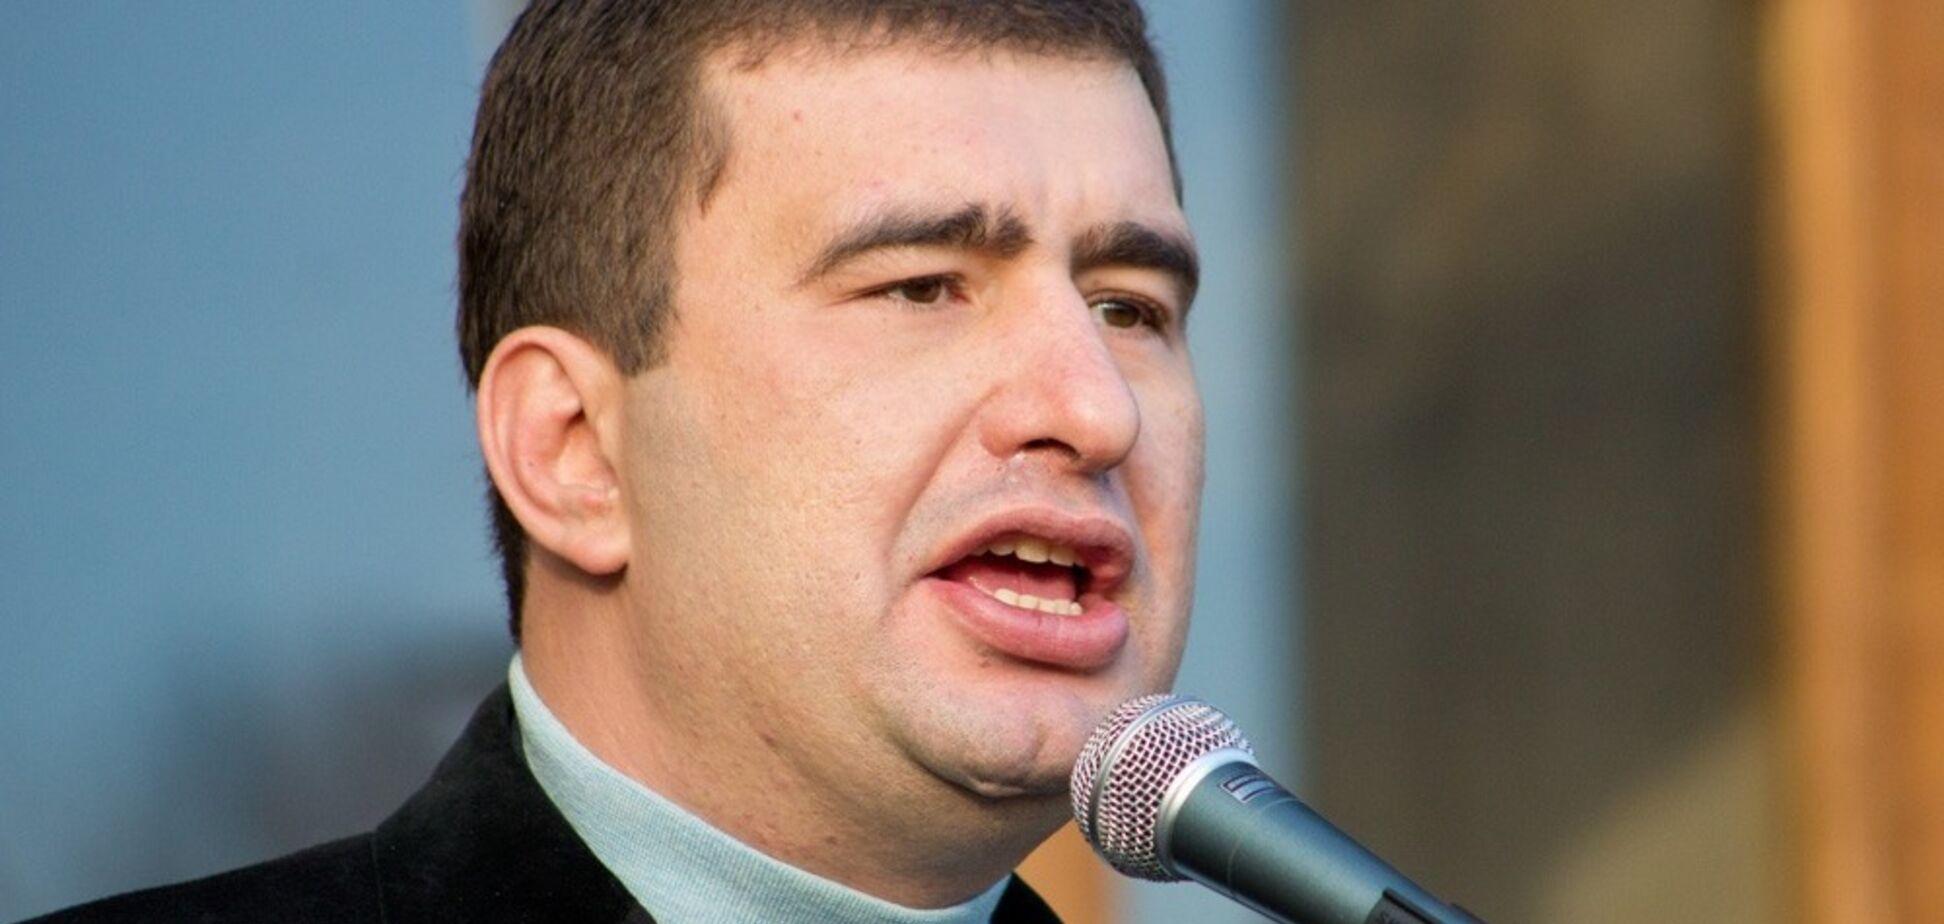 Публично поддержал ''Л/ДНР'': одесская прокуратура завела дело на одиозного экс-нардепа